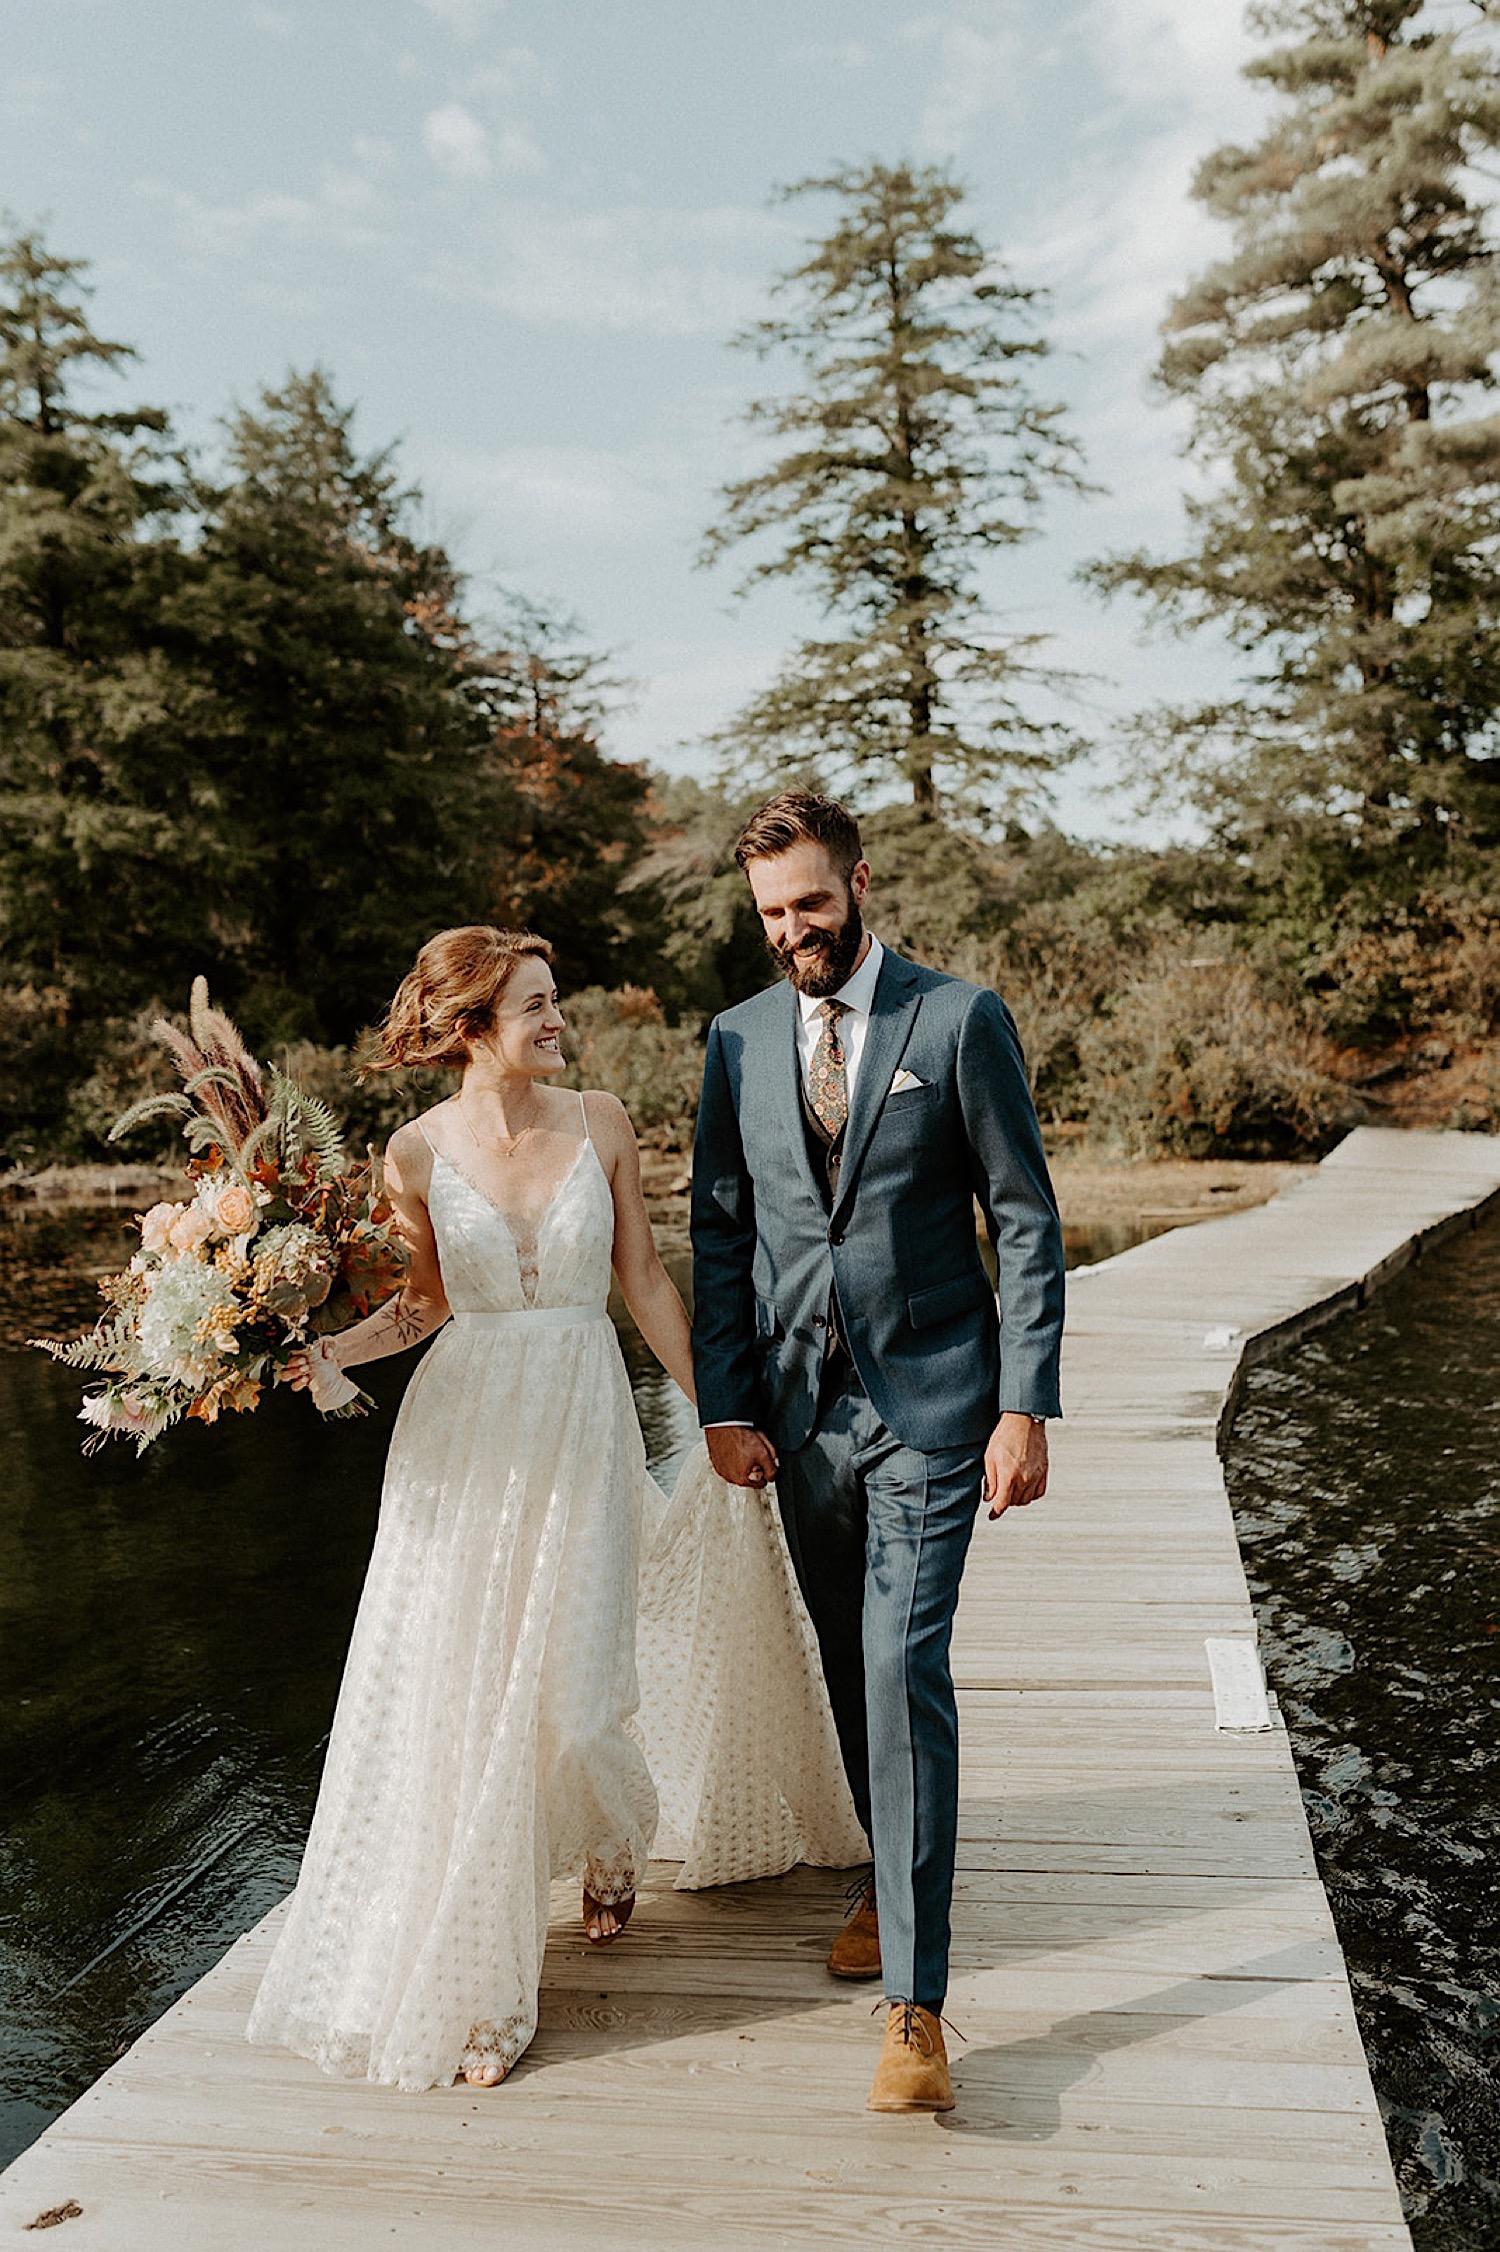 053 Lakeside Wedding Outdoor Wedding Boho Inspiration Wedding Destination Wedding Maine Wedding Connecticut Wedding Photographer Boston Wedding Photographer